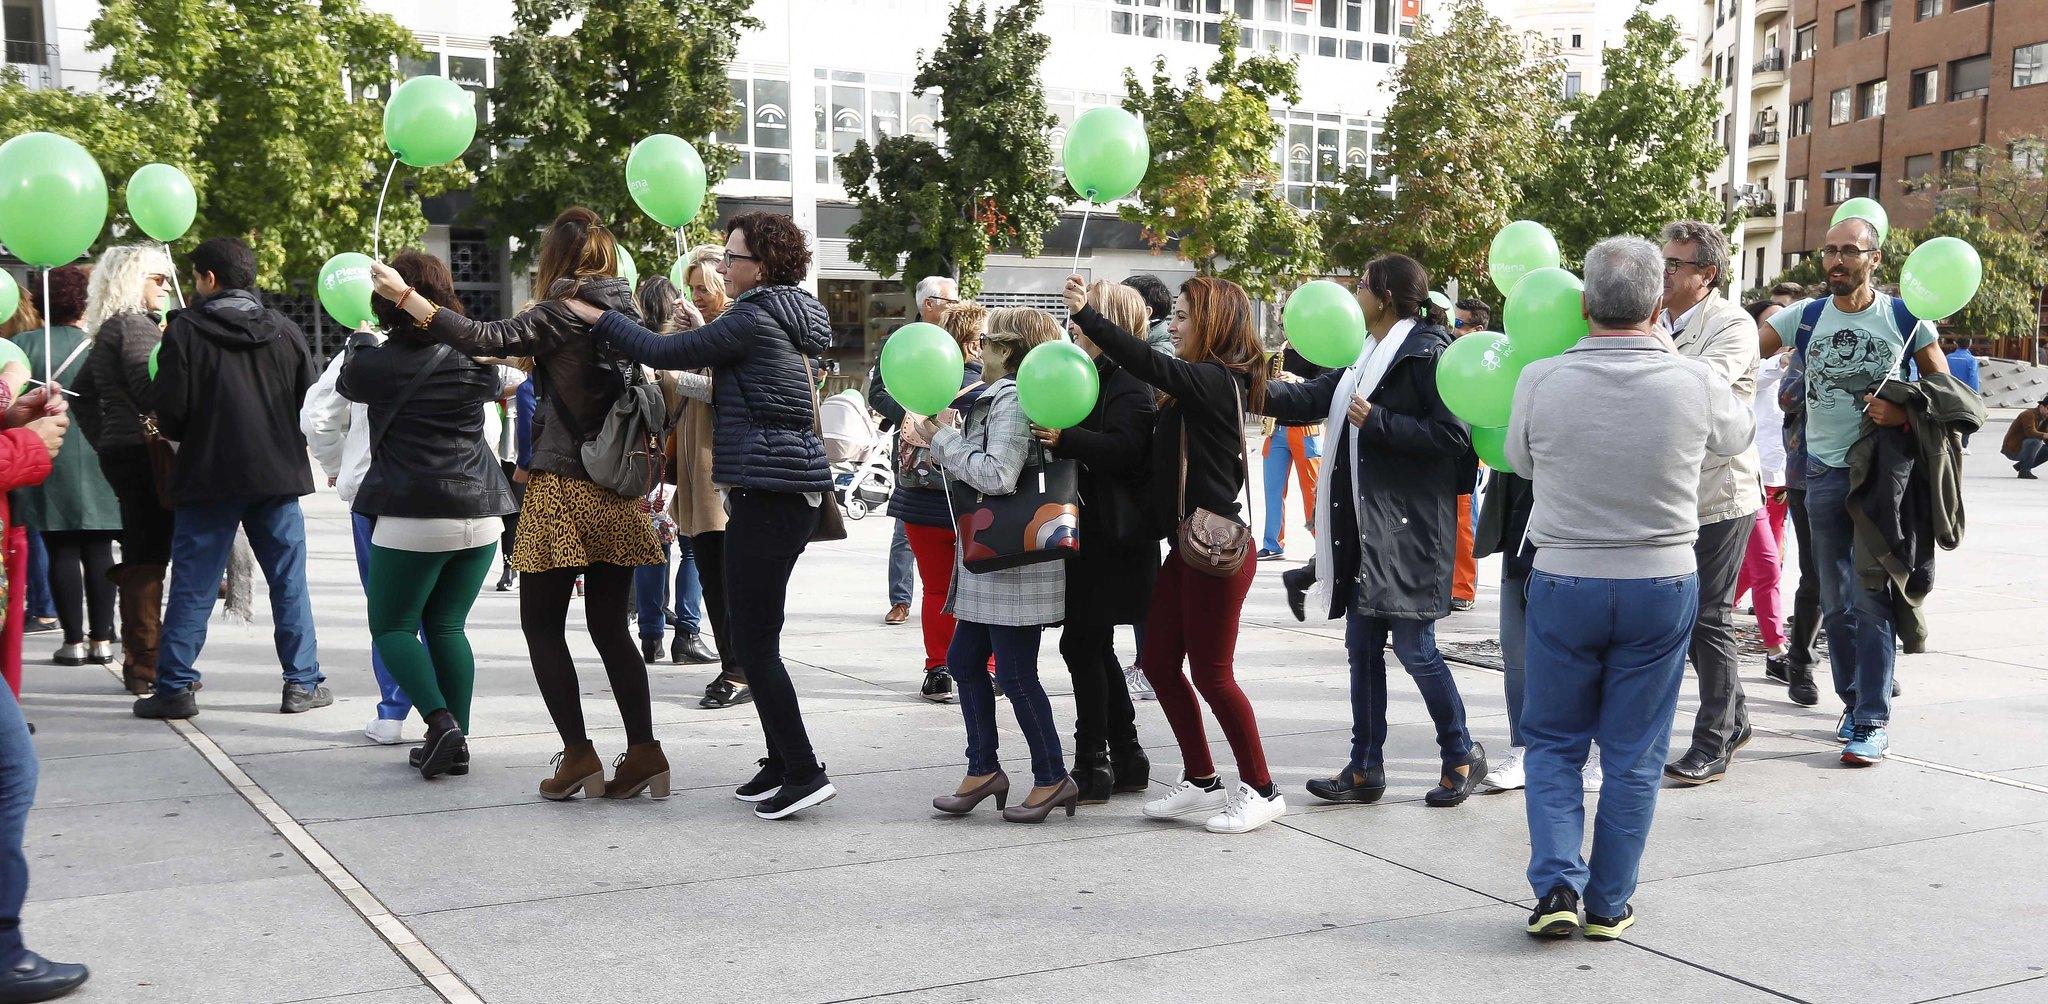 personas con globos verdes